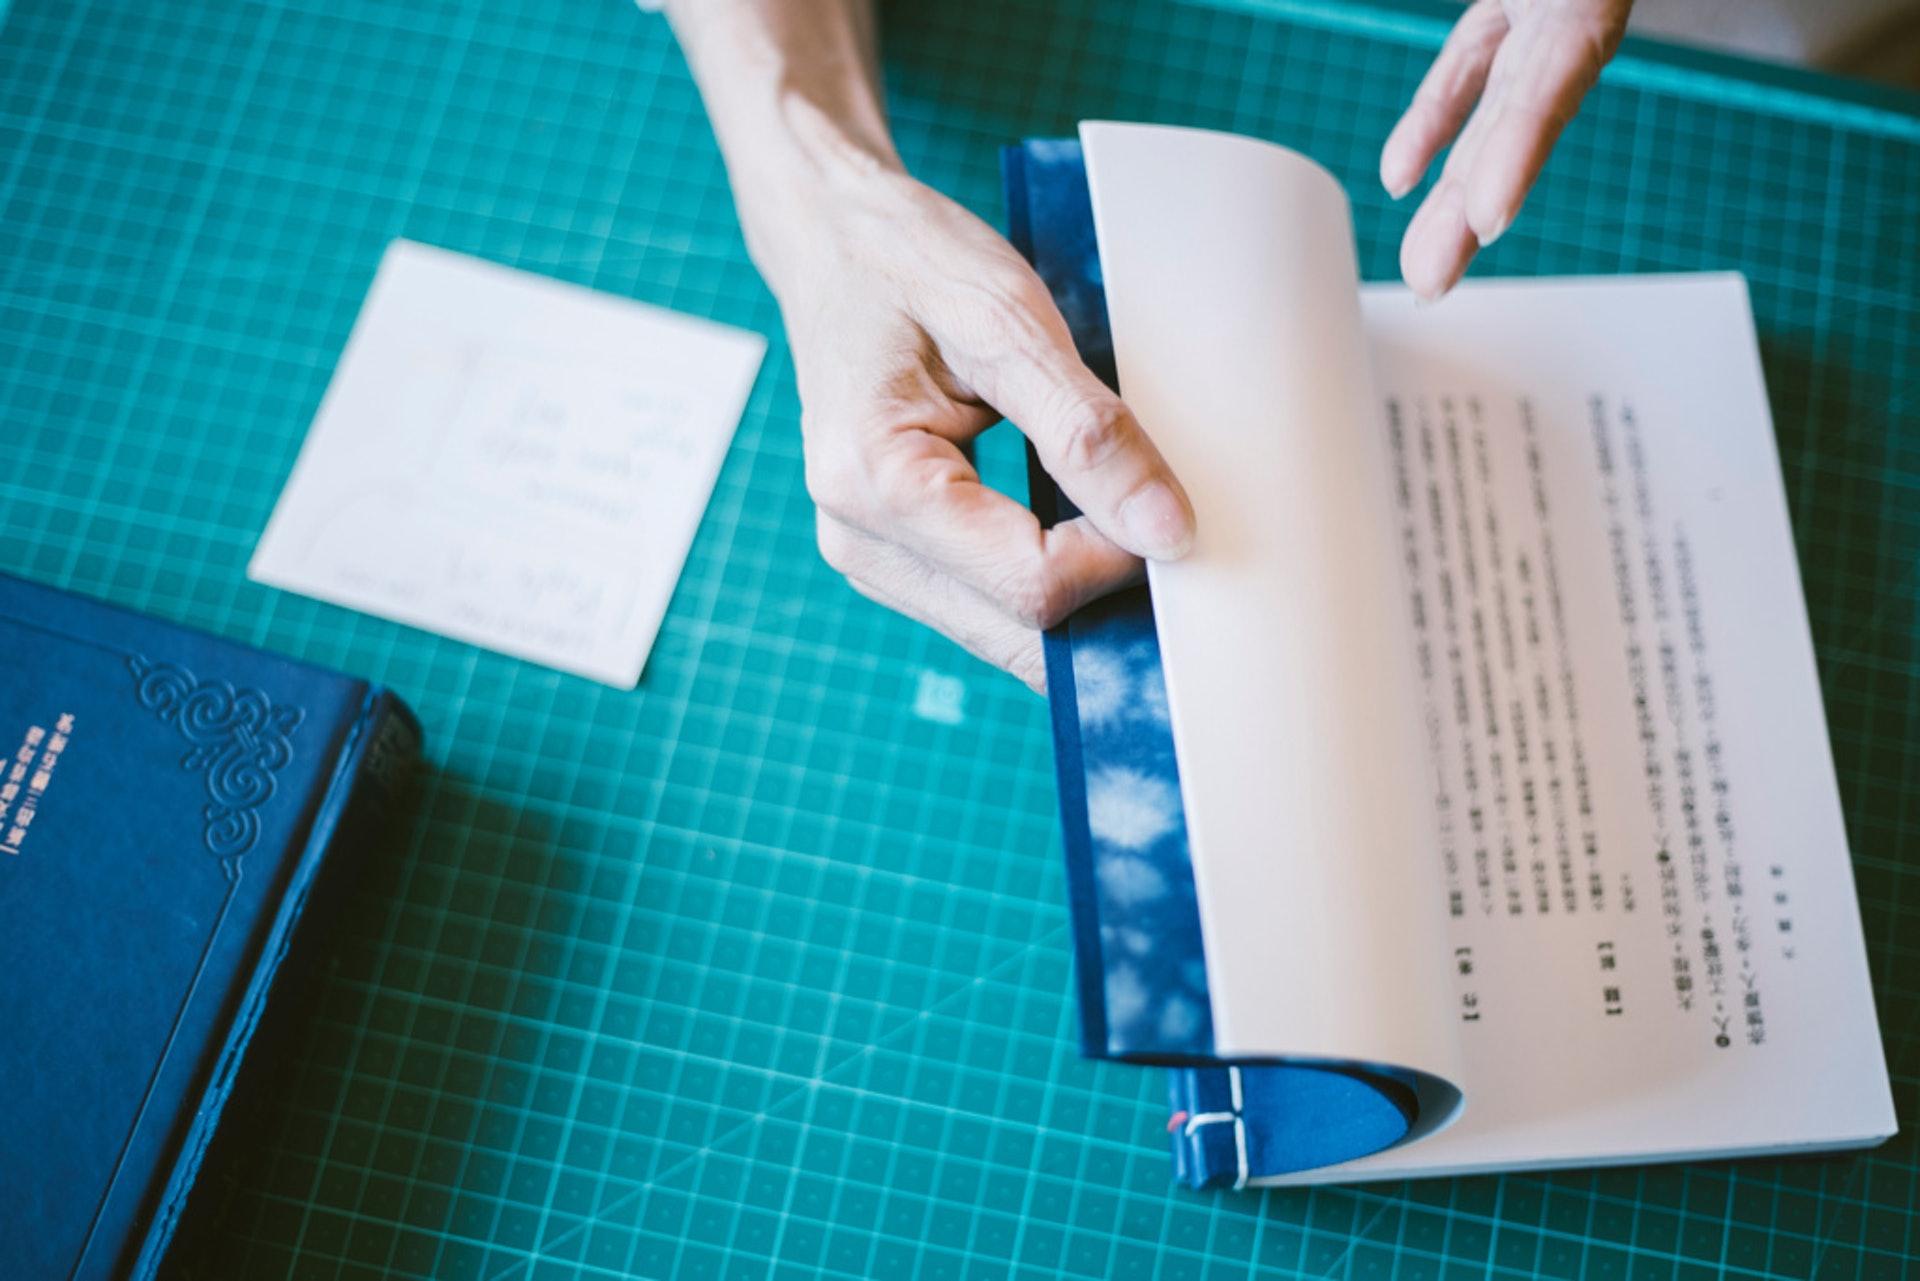 在傳統線裝書加入西式Waste Paper,全為給人揭爛而設,防止開卷正文「首當其衝」。